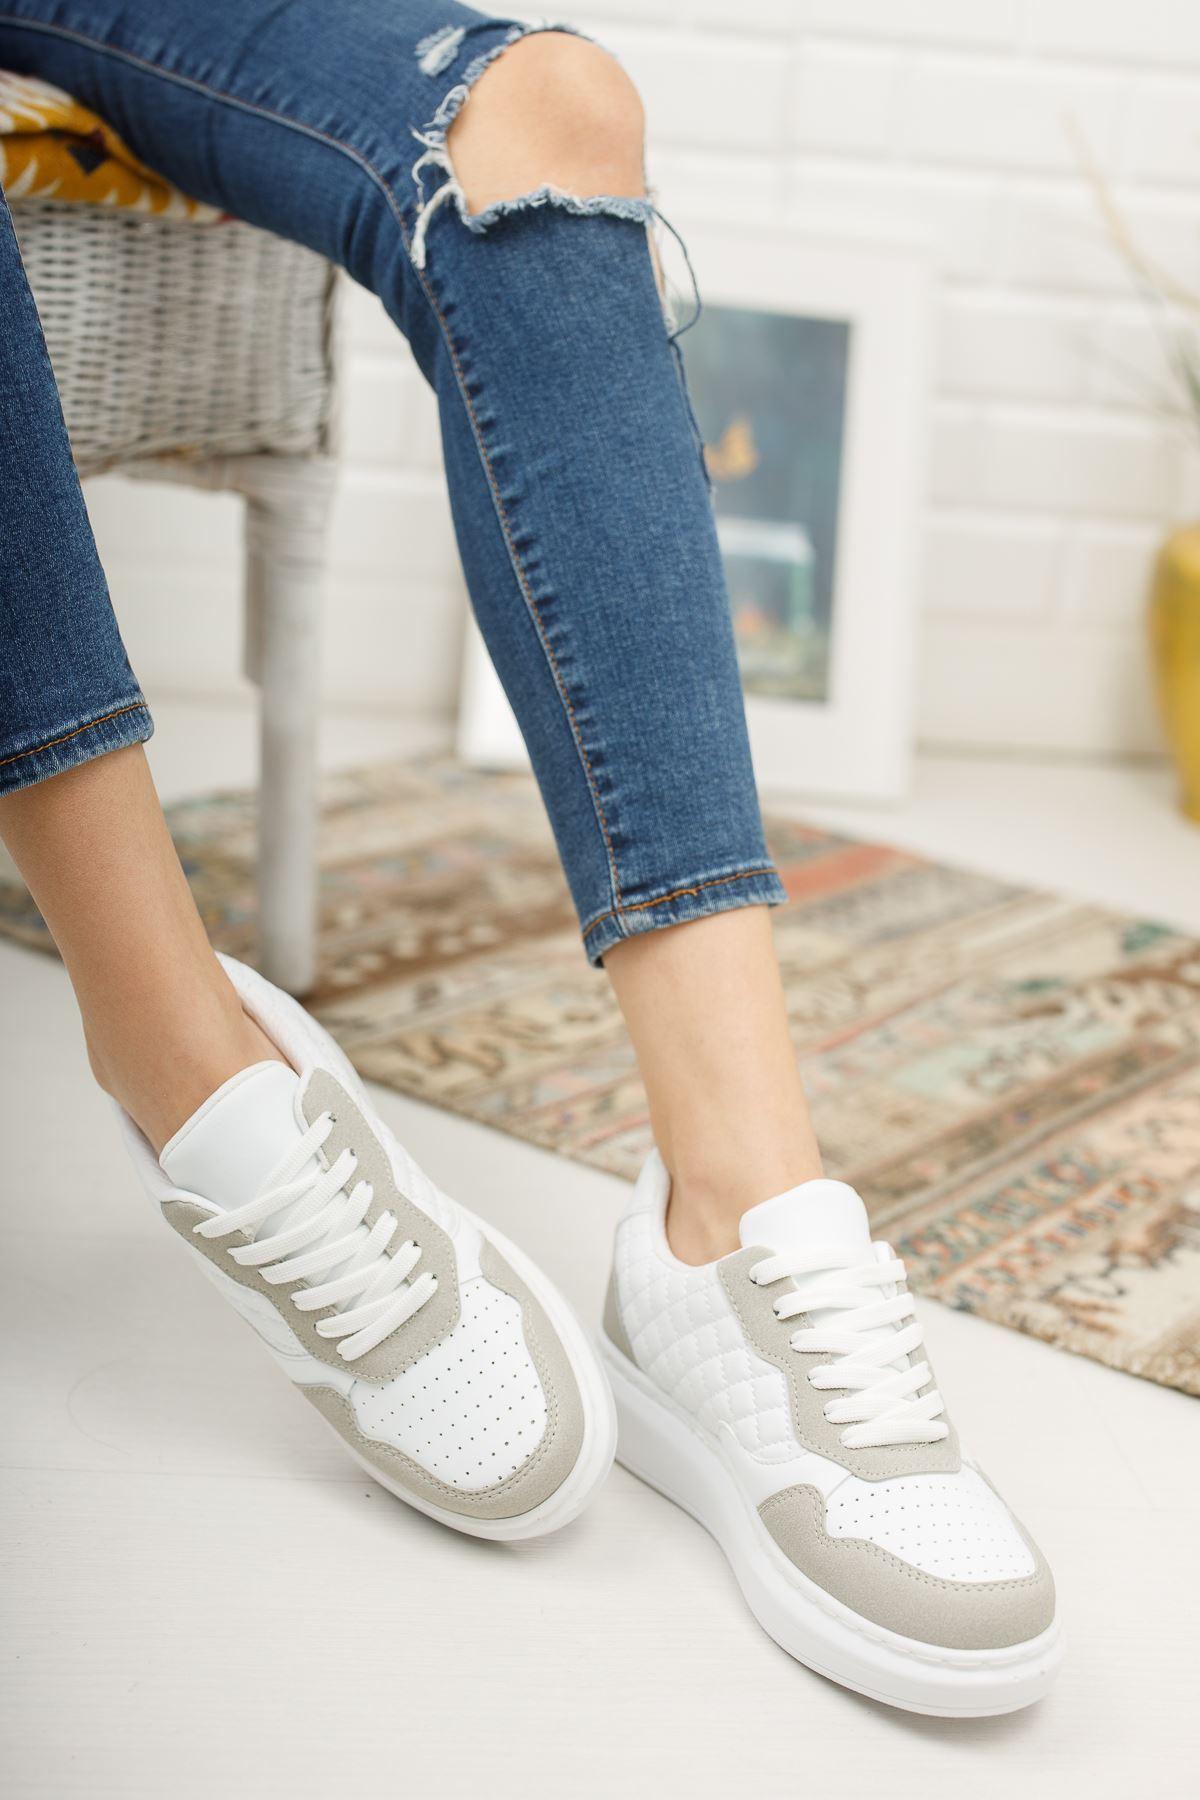 Danila Beyaz Kapitone Gri Süet Bağcıklı Kadın Spor Ayakkabı